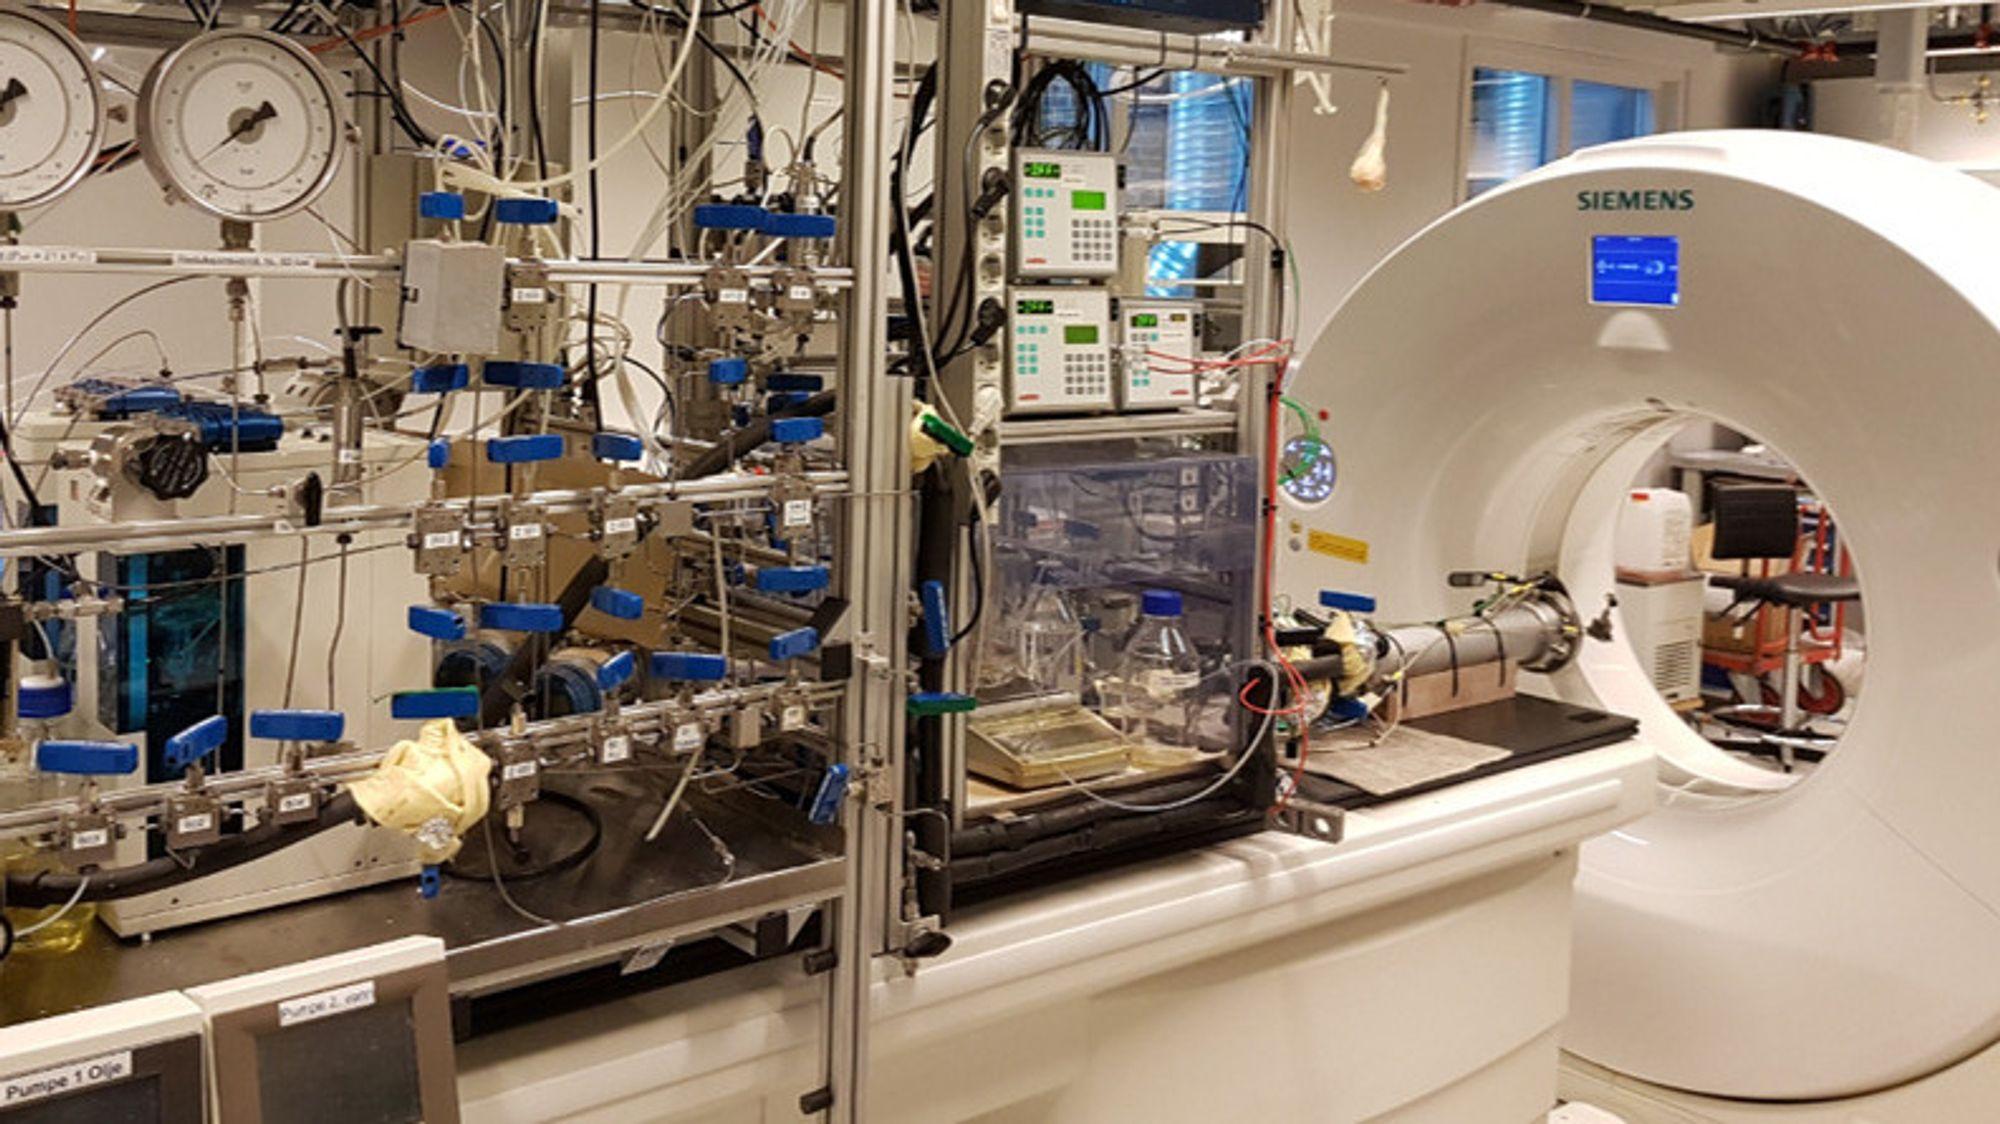 En medisinsk-CT scanner pa Statoils forskningssenter på Rotvoll. Metallsylinderen nærmest maskinen er en såkalt kjerneholder som inneholder kjerneprøver.